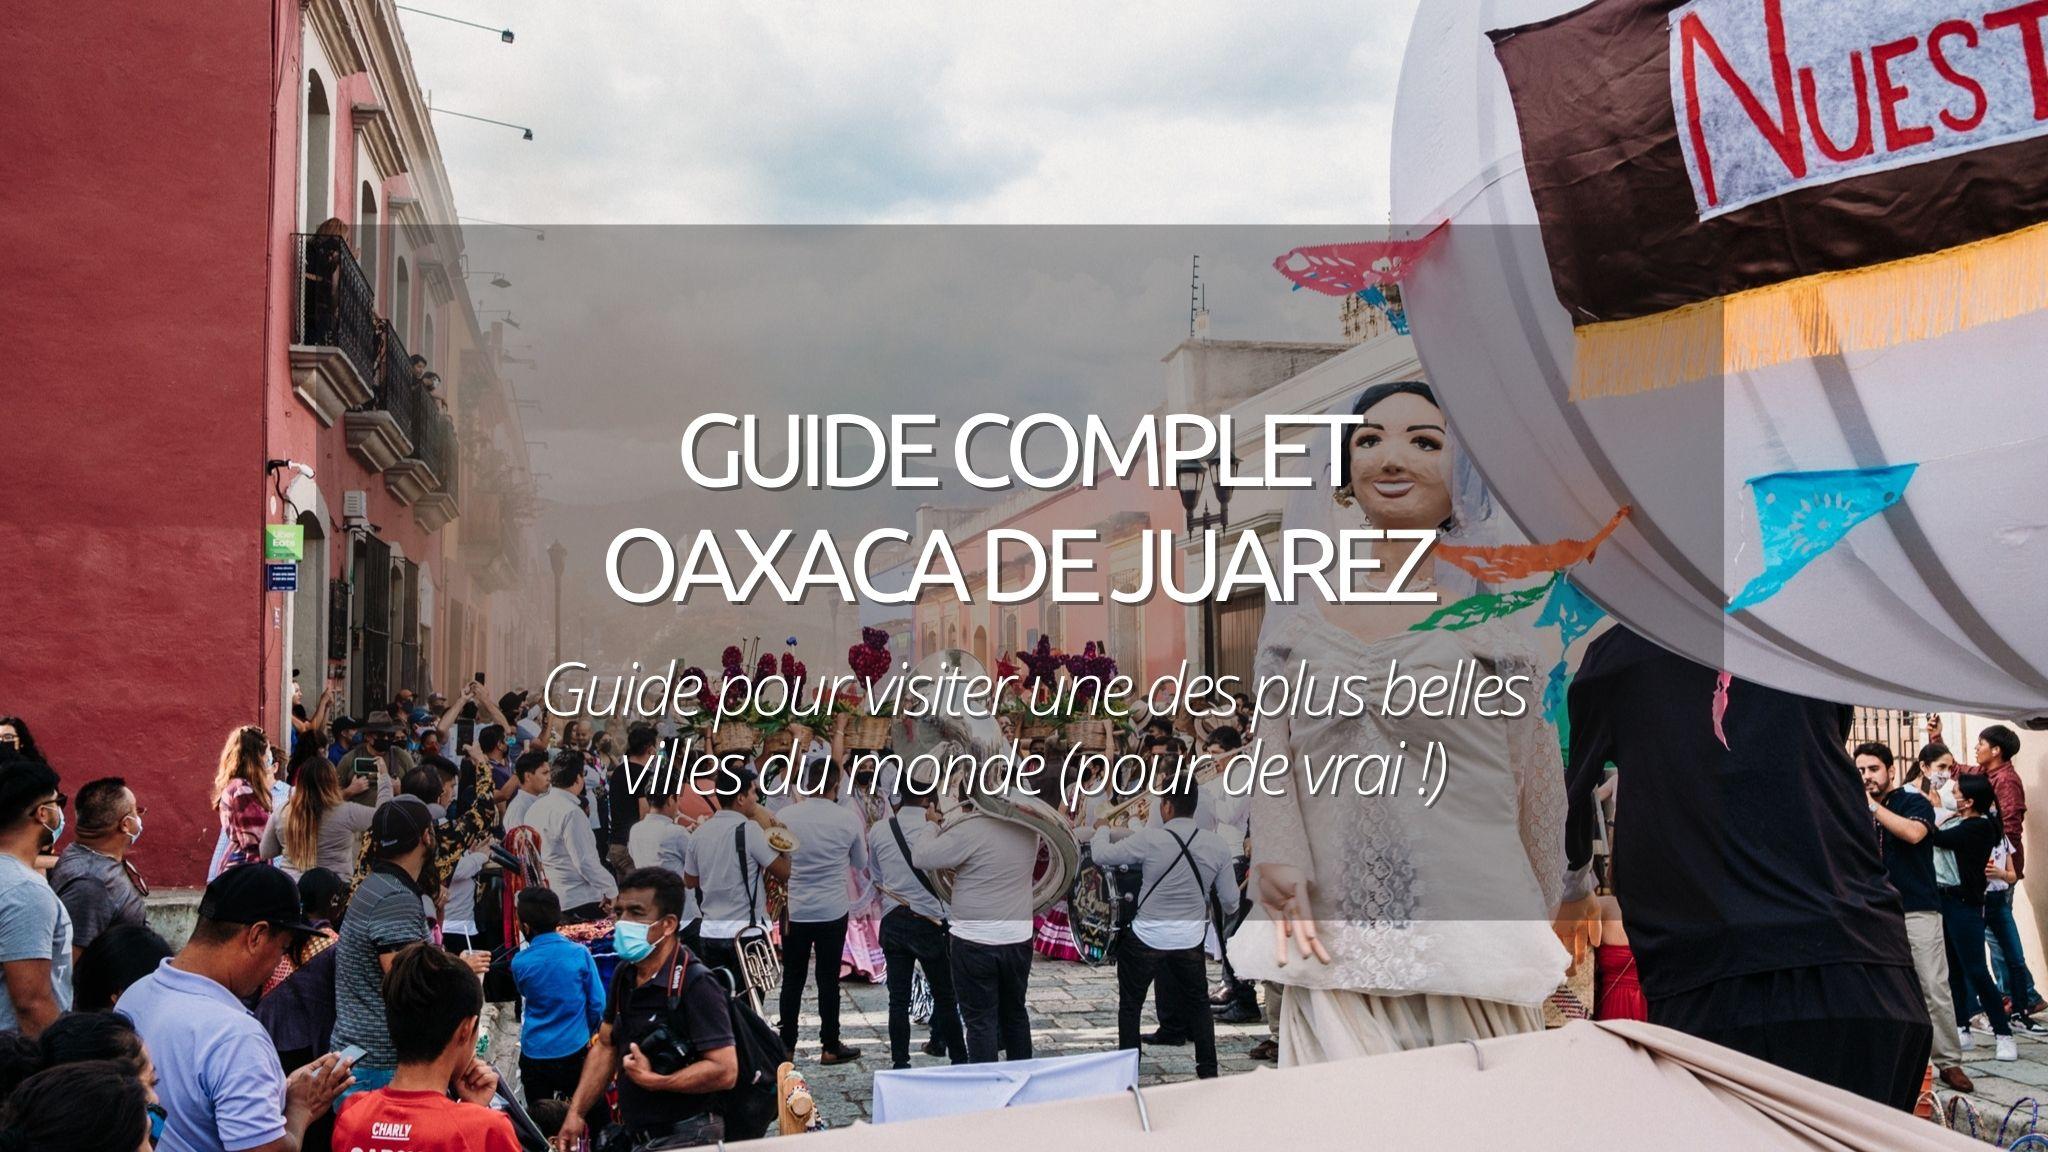 Oaxaca de Juarez au Mexique : les incontournables de la plus belle ville du monde